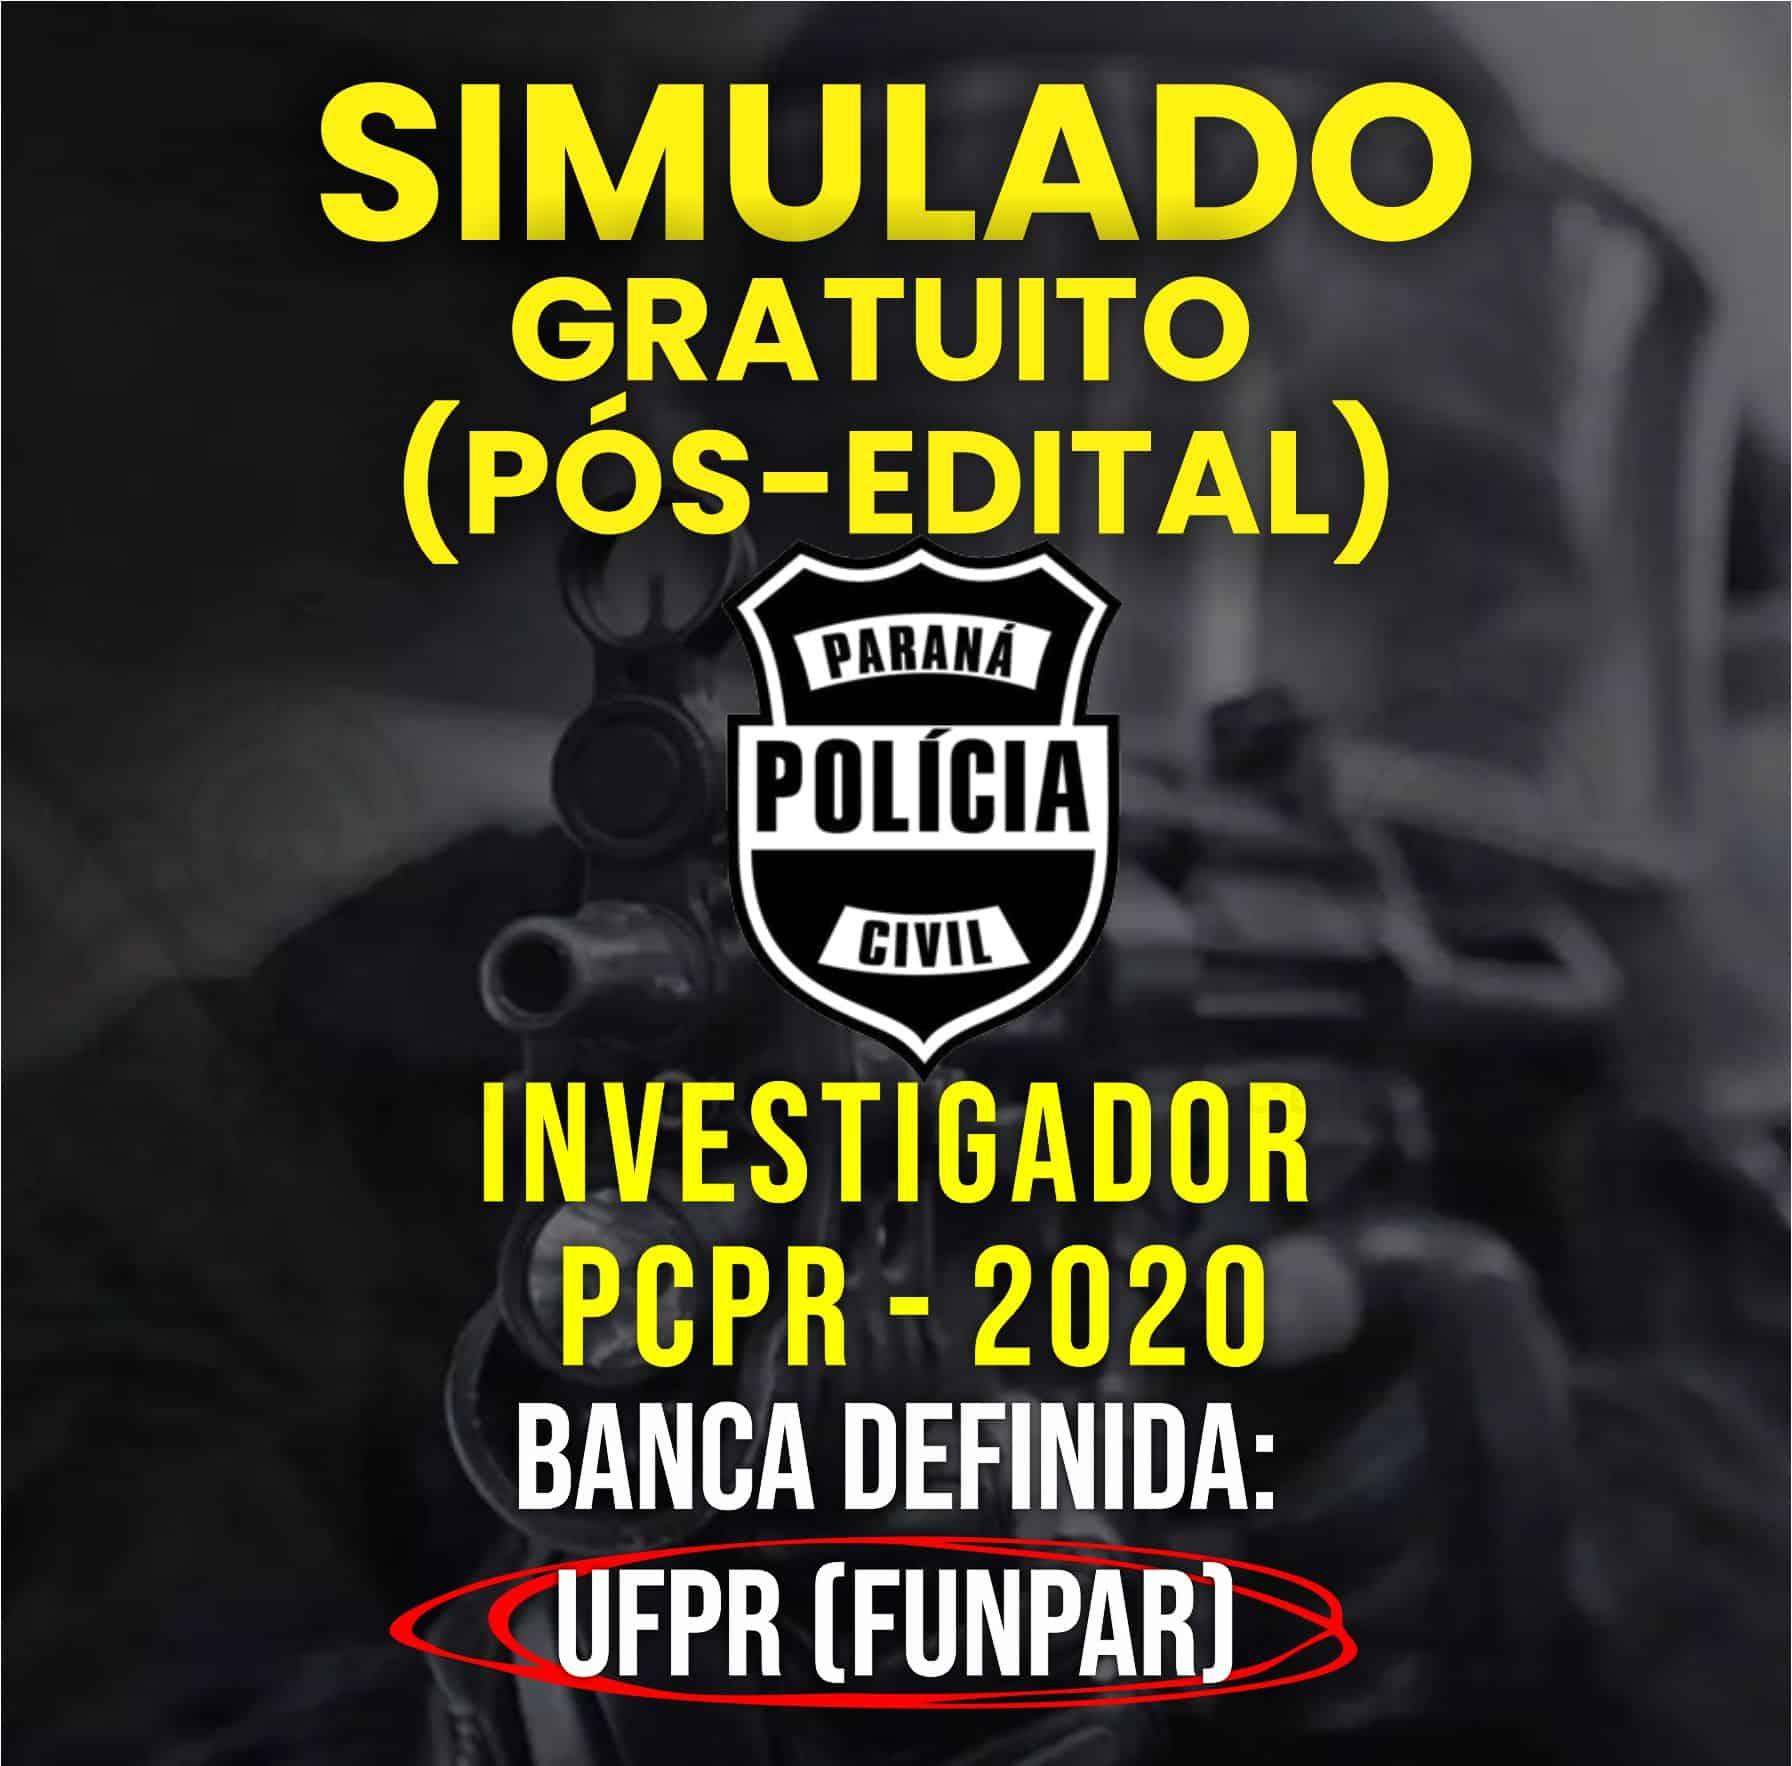 Simulado pós-edital investigador PCPR 2020 UFPR (funpar) 1